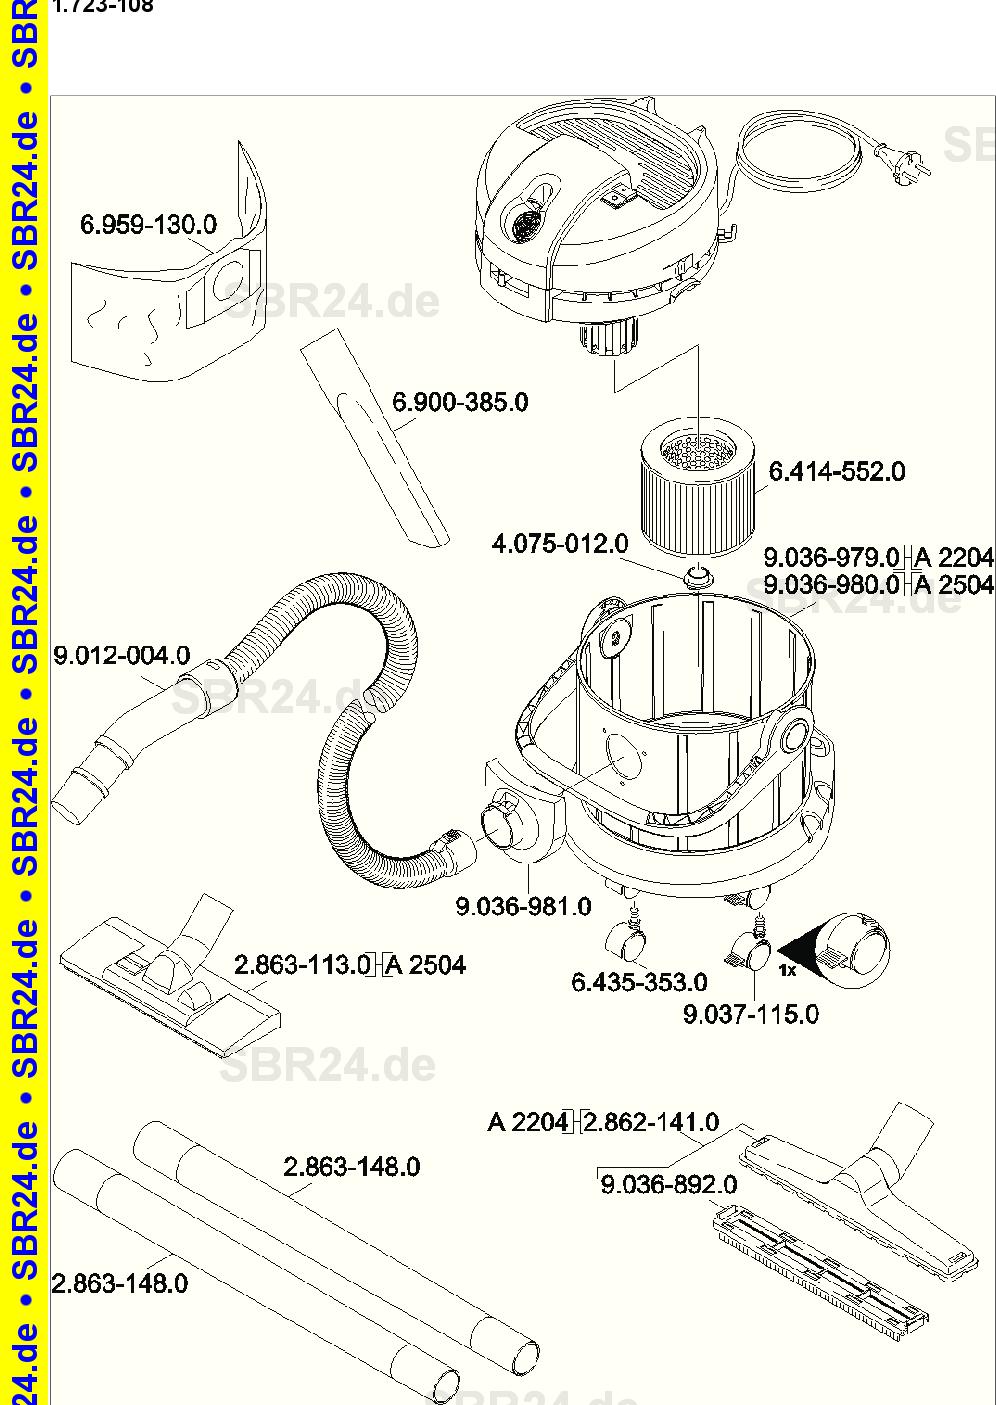 Ersatz-Patronenfilter für Kärcher A 2204 AF